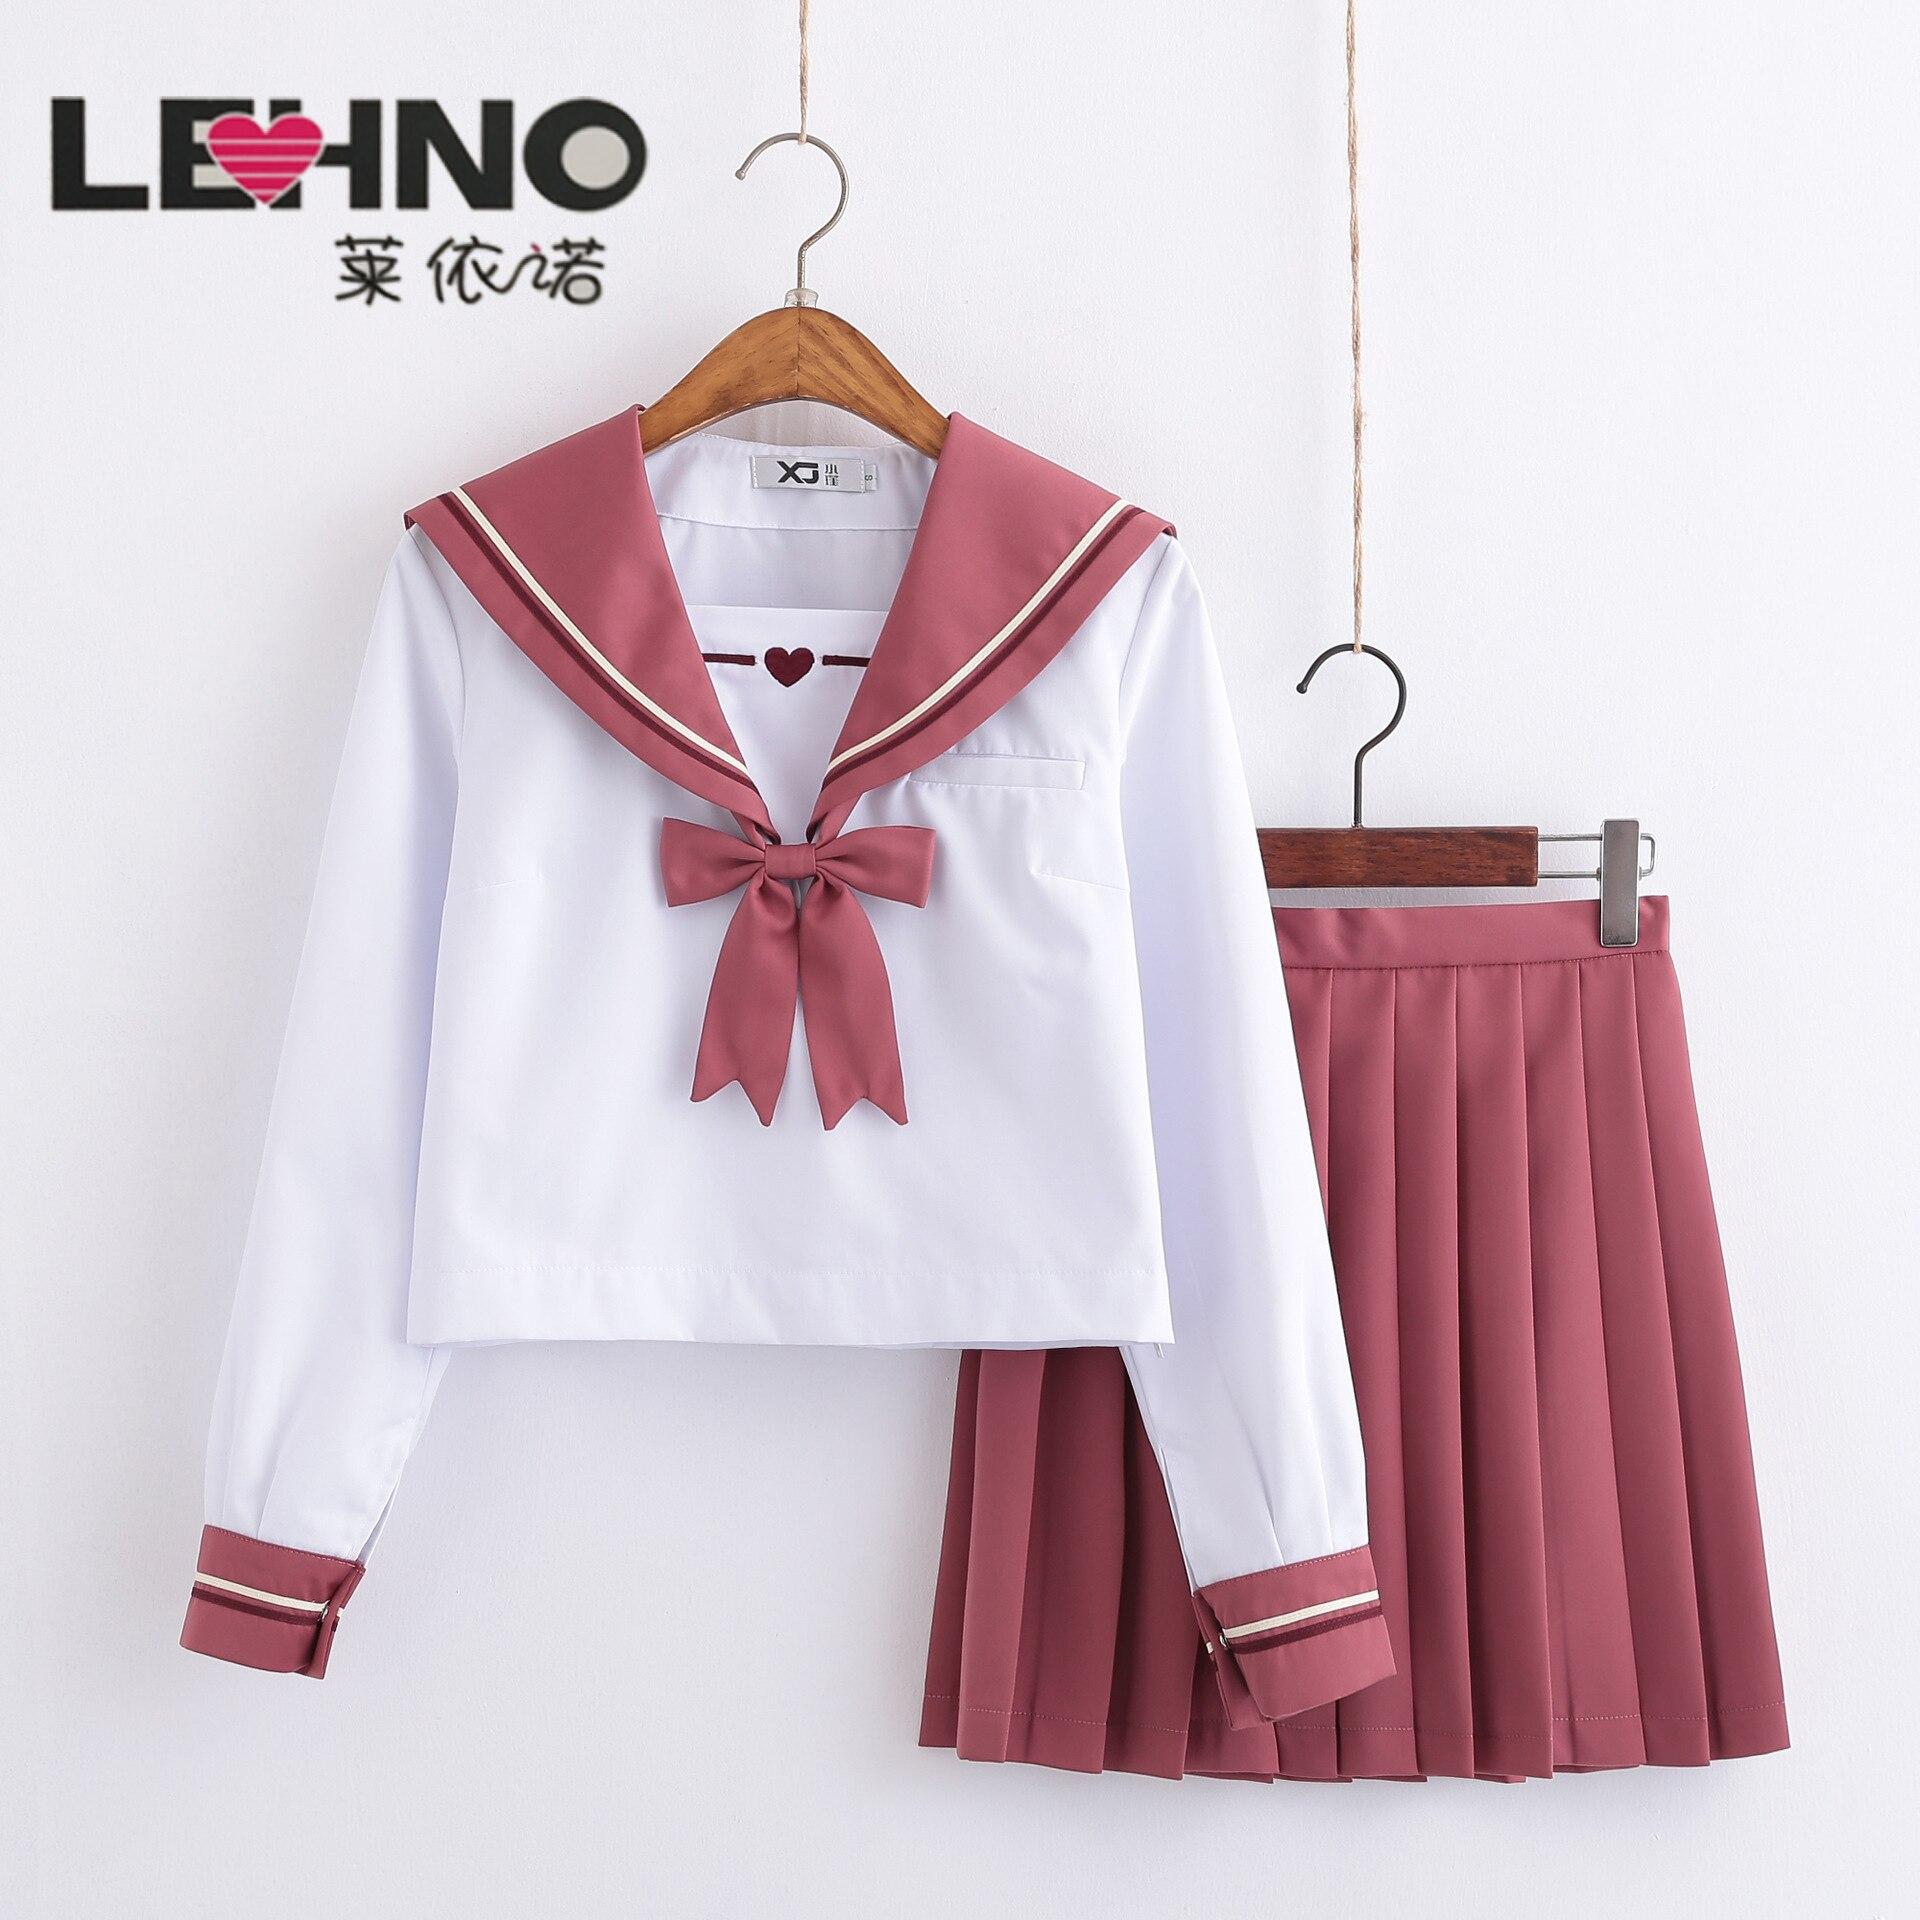 Costume de marin rose uniforme d'école japonaise JK costume à manches longues